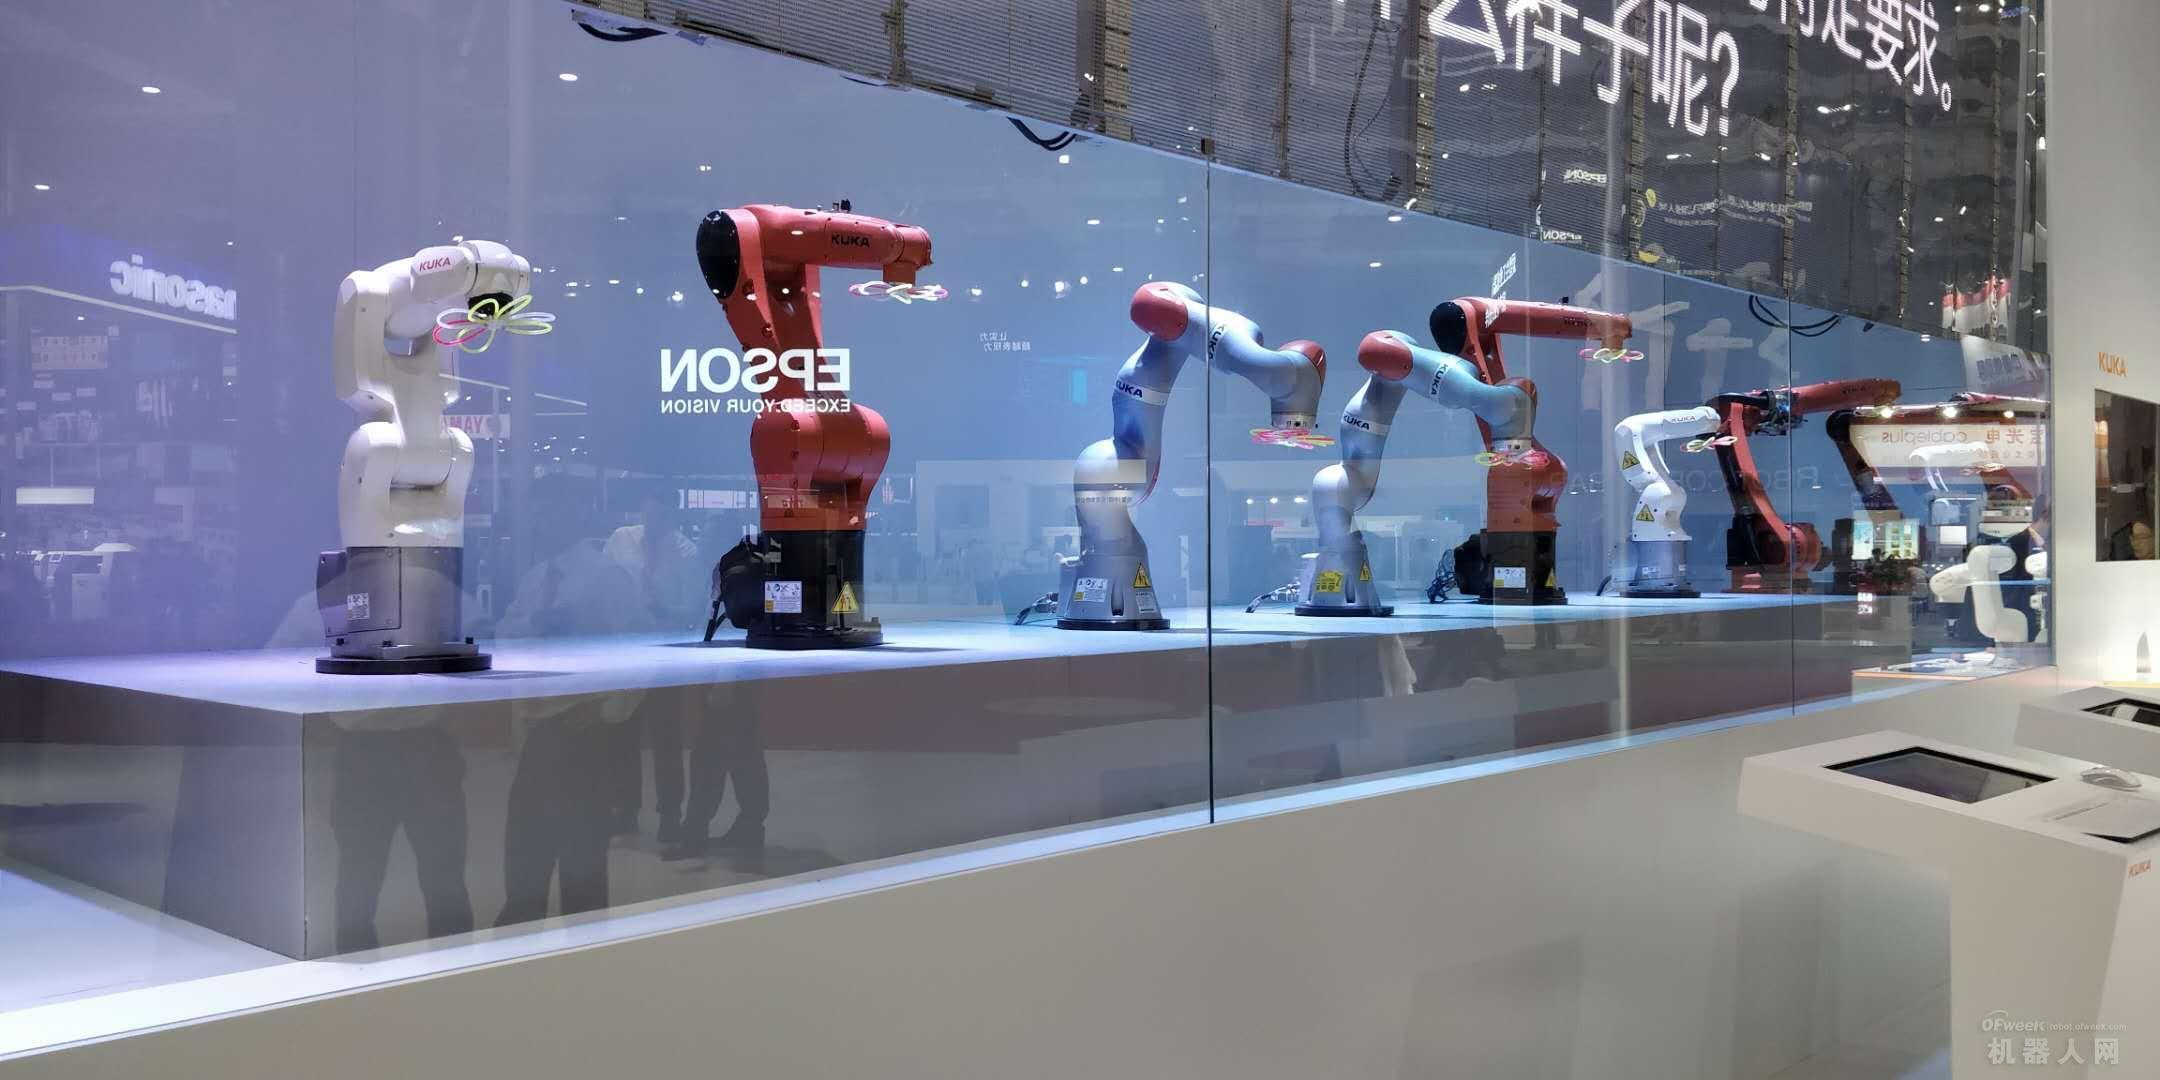 工业机器人事故频发,为协作机器人埋下伏笔